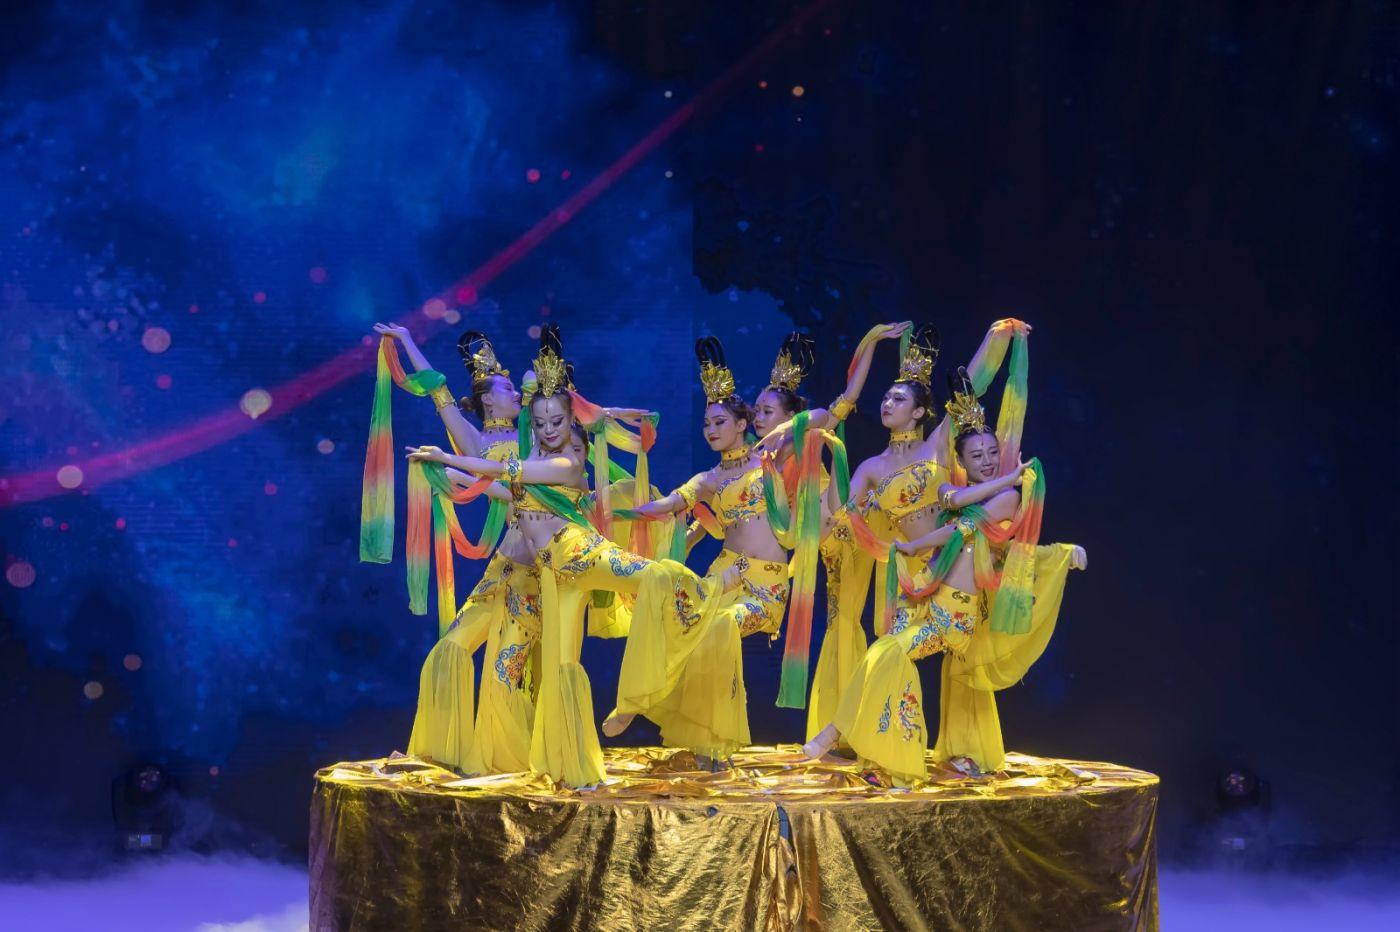 沂蒙大地上 有一种舞蹈叫飞天 这是几位临沂女孩的杰作 美轮美奂 ..._图1-69